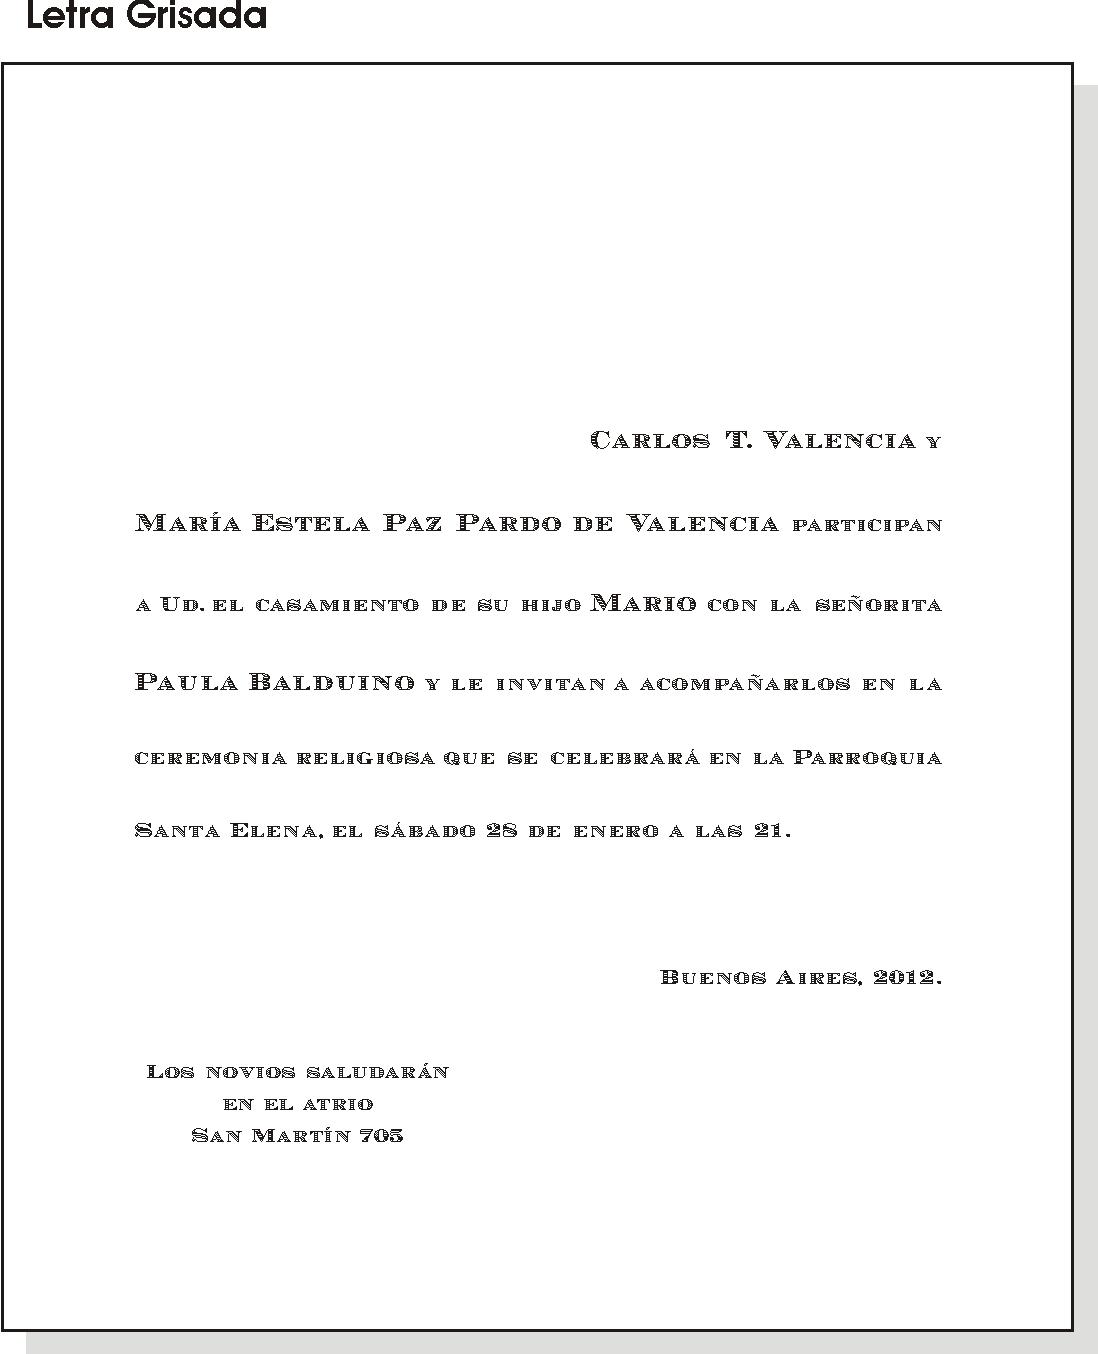 Miglen Y Alen Ejemplos De Textos Y Tamanos De